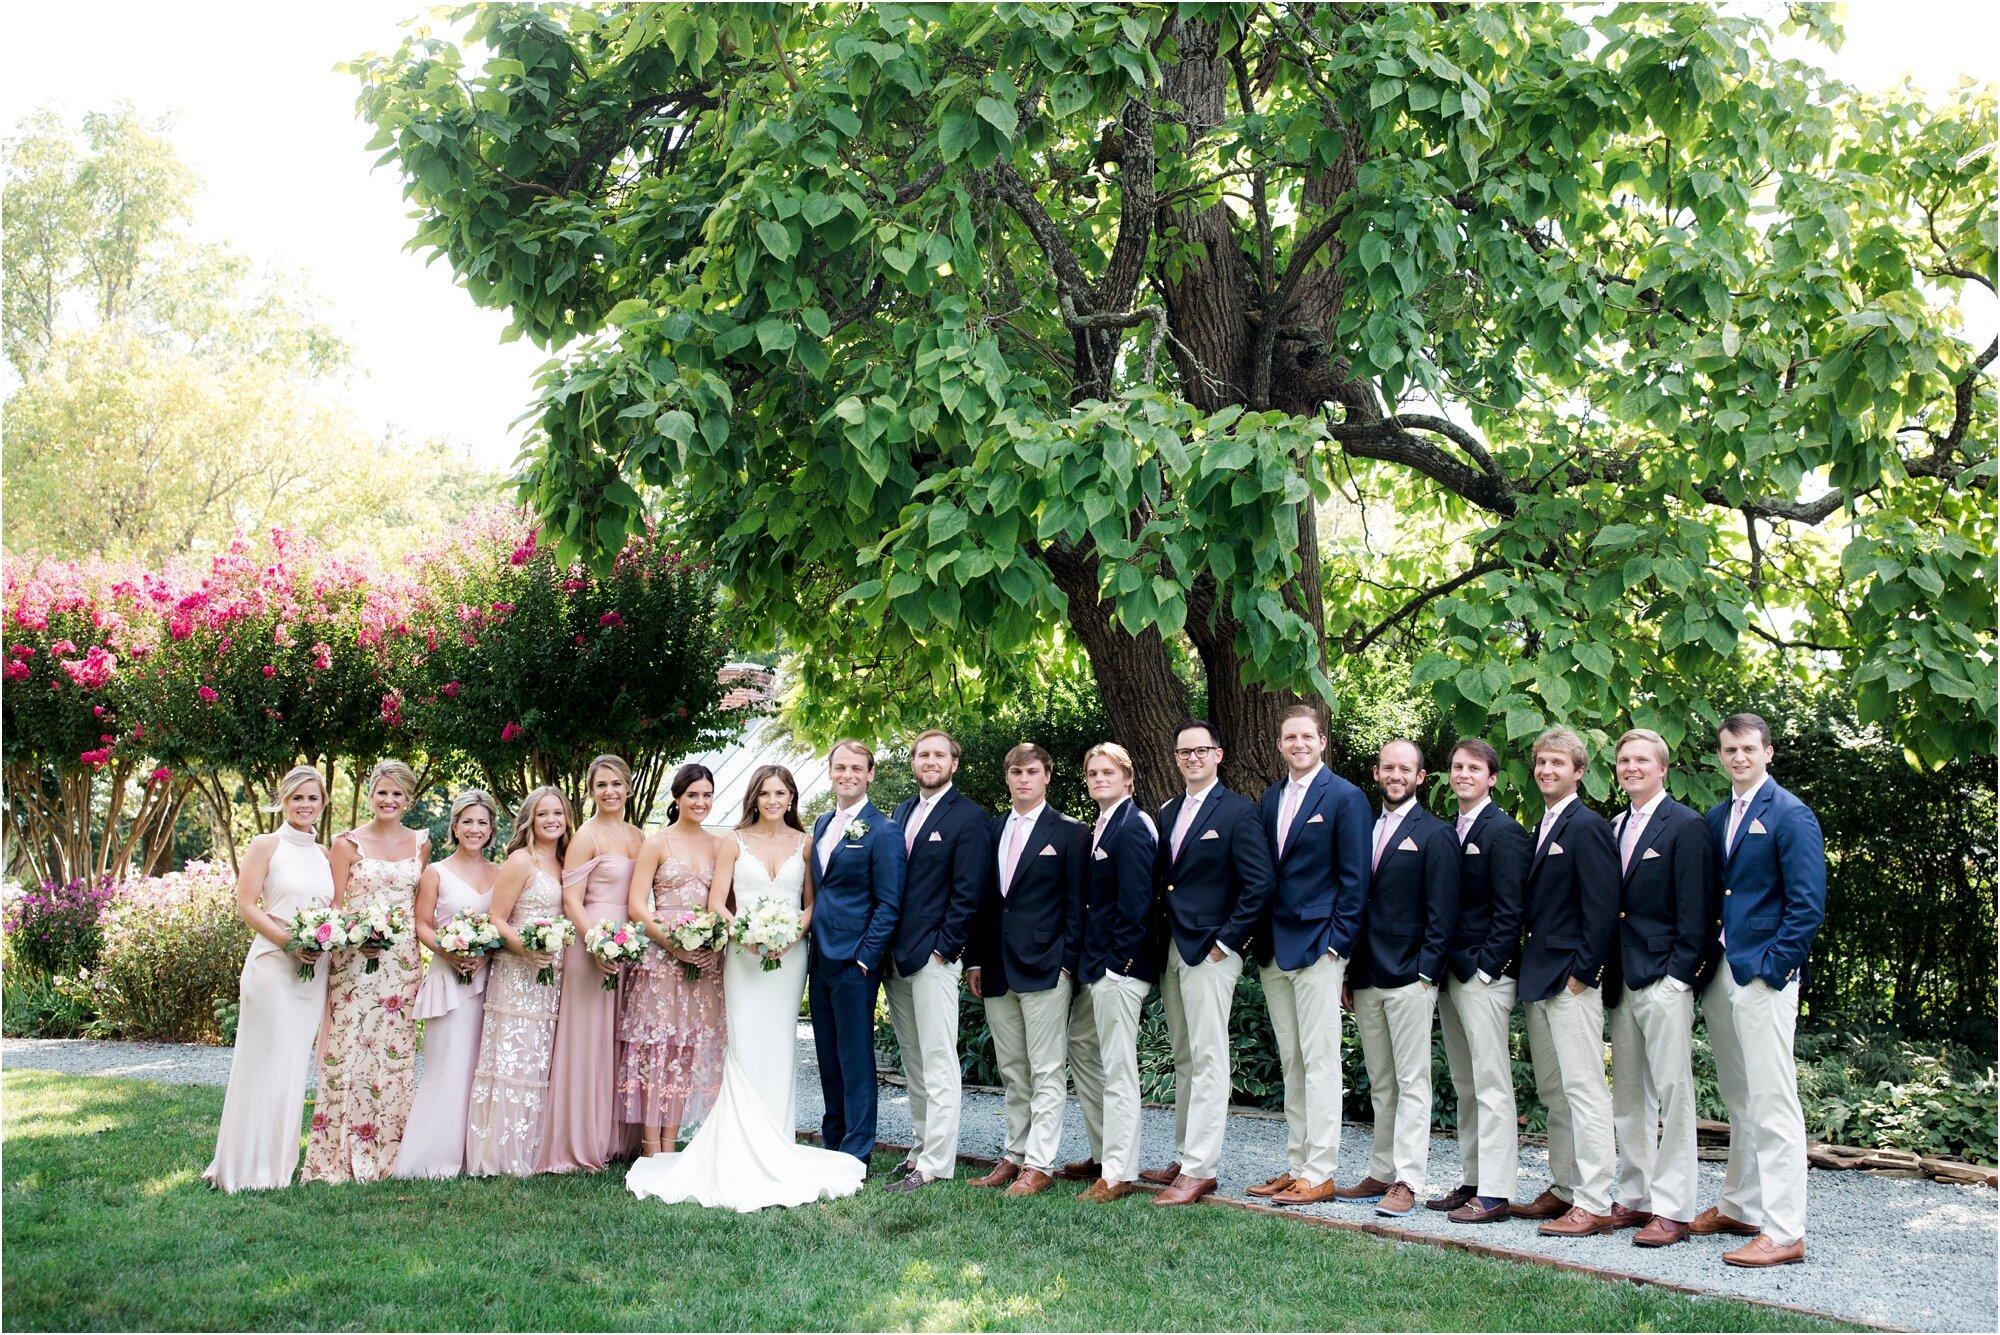 jane-tom-clifton-inn-charlottesville-wedding-_0014.jpg